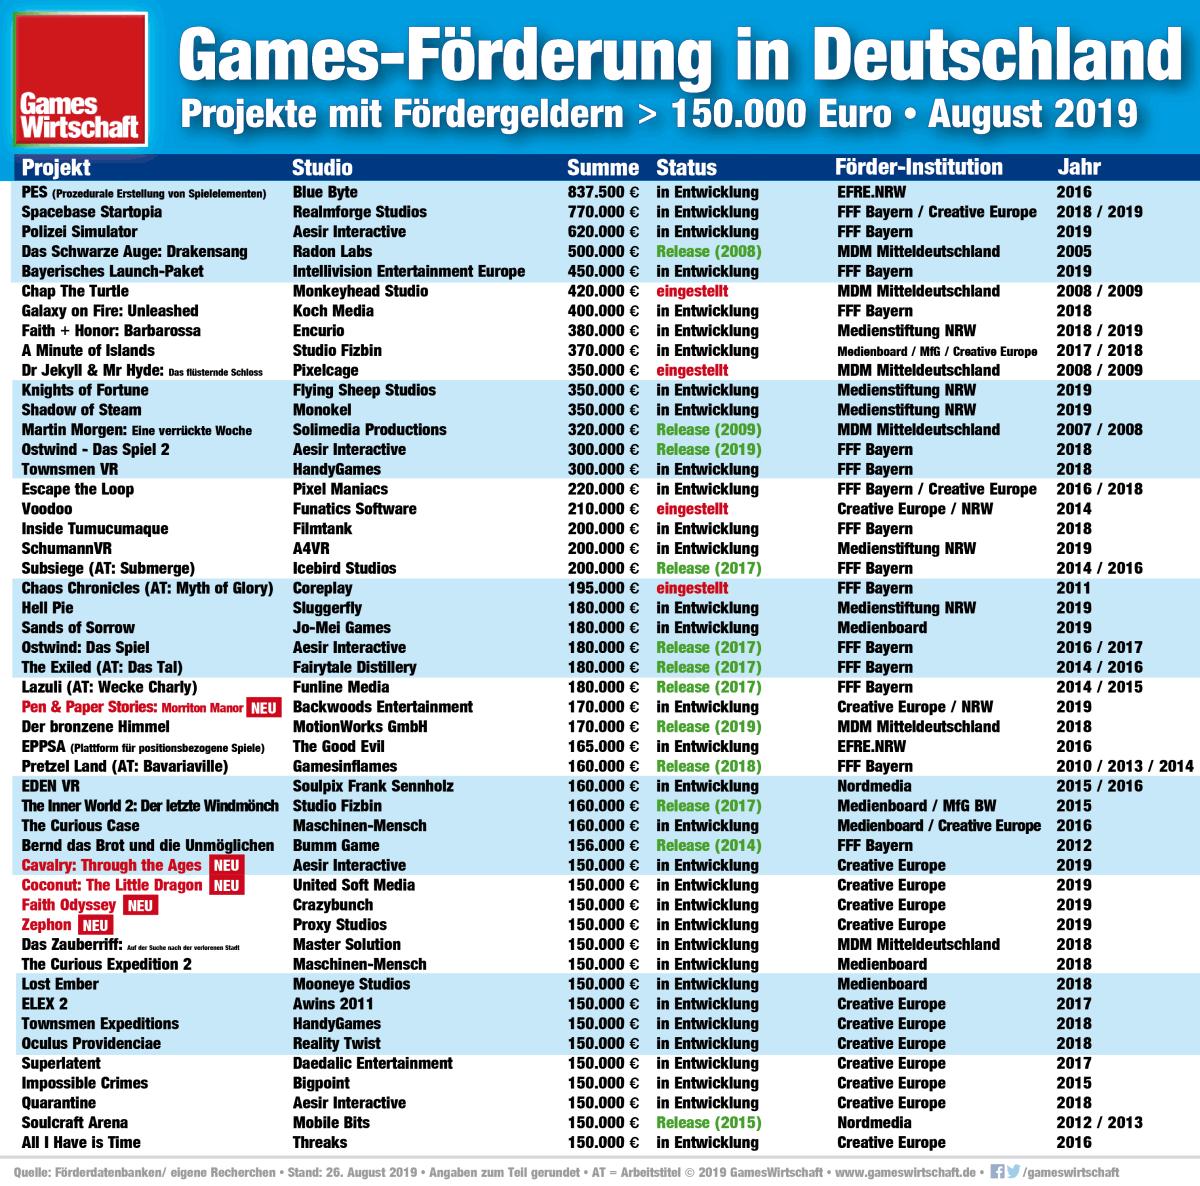 Das Creative Europe Media-Programm hievt fünf Studios in die Liste der meistgeförderten deutschen Games (Stand: 28. August 2019)